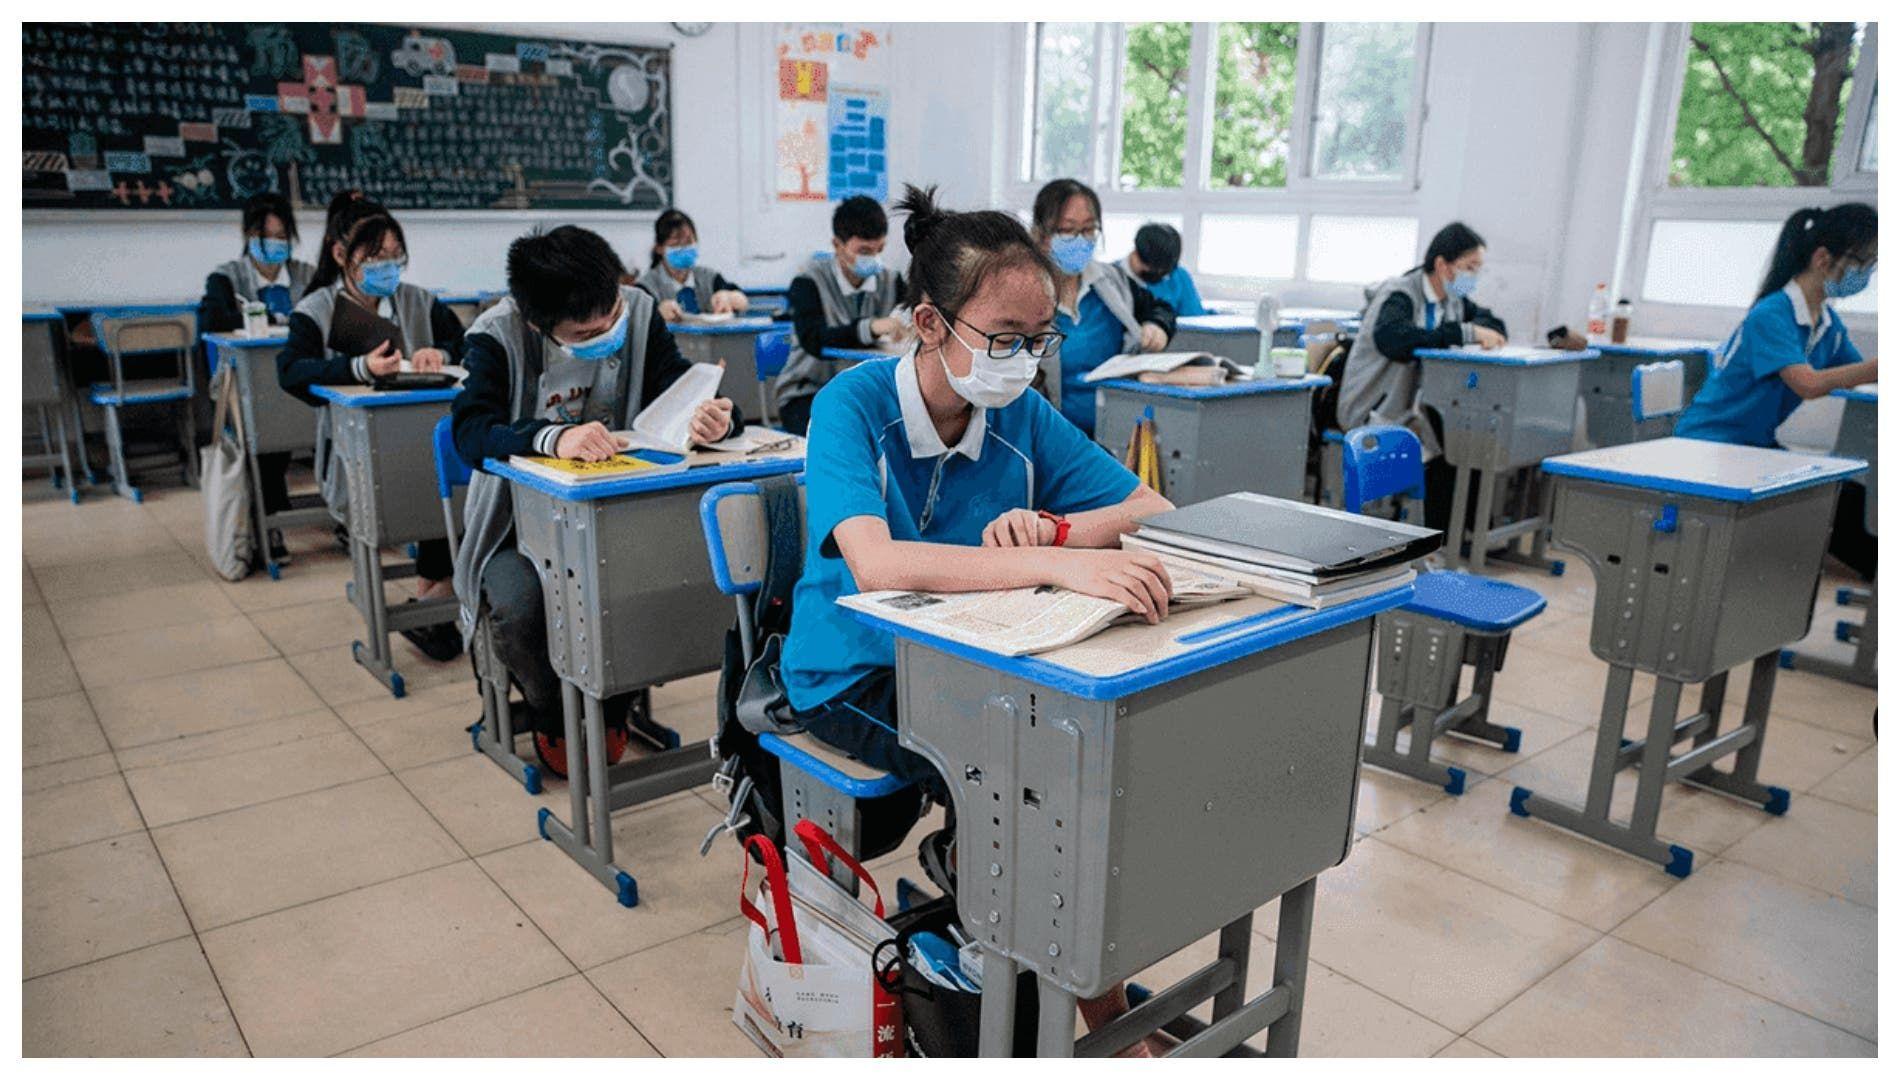 نصائح مهمة لعودة الطلاب للمدارس في ظل انتشار الكورونا Outdoor Outdoor Decor Decor